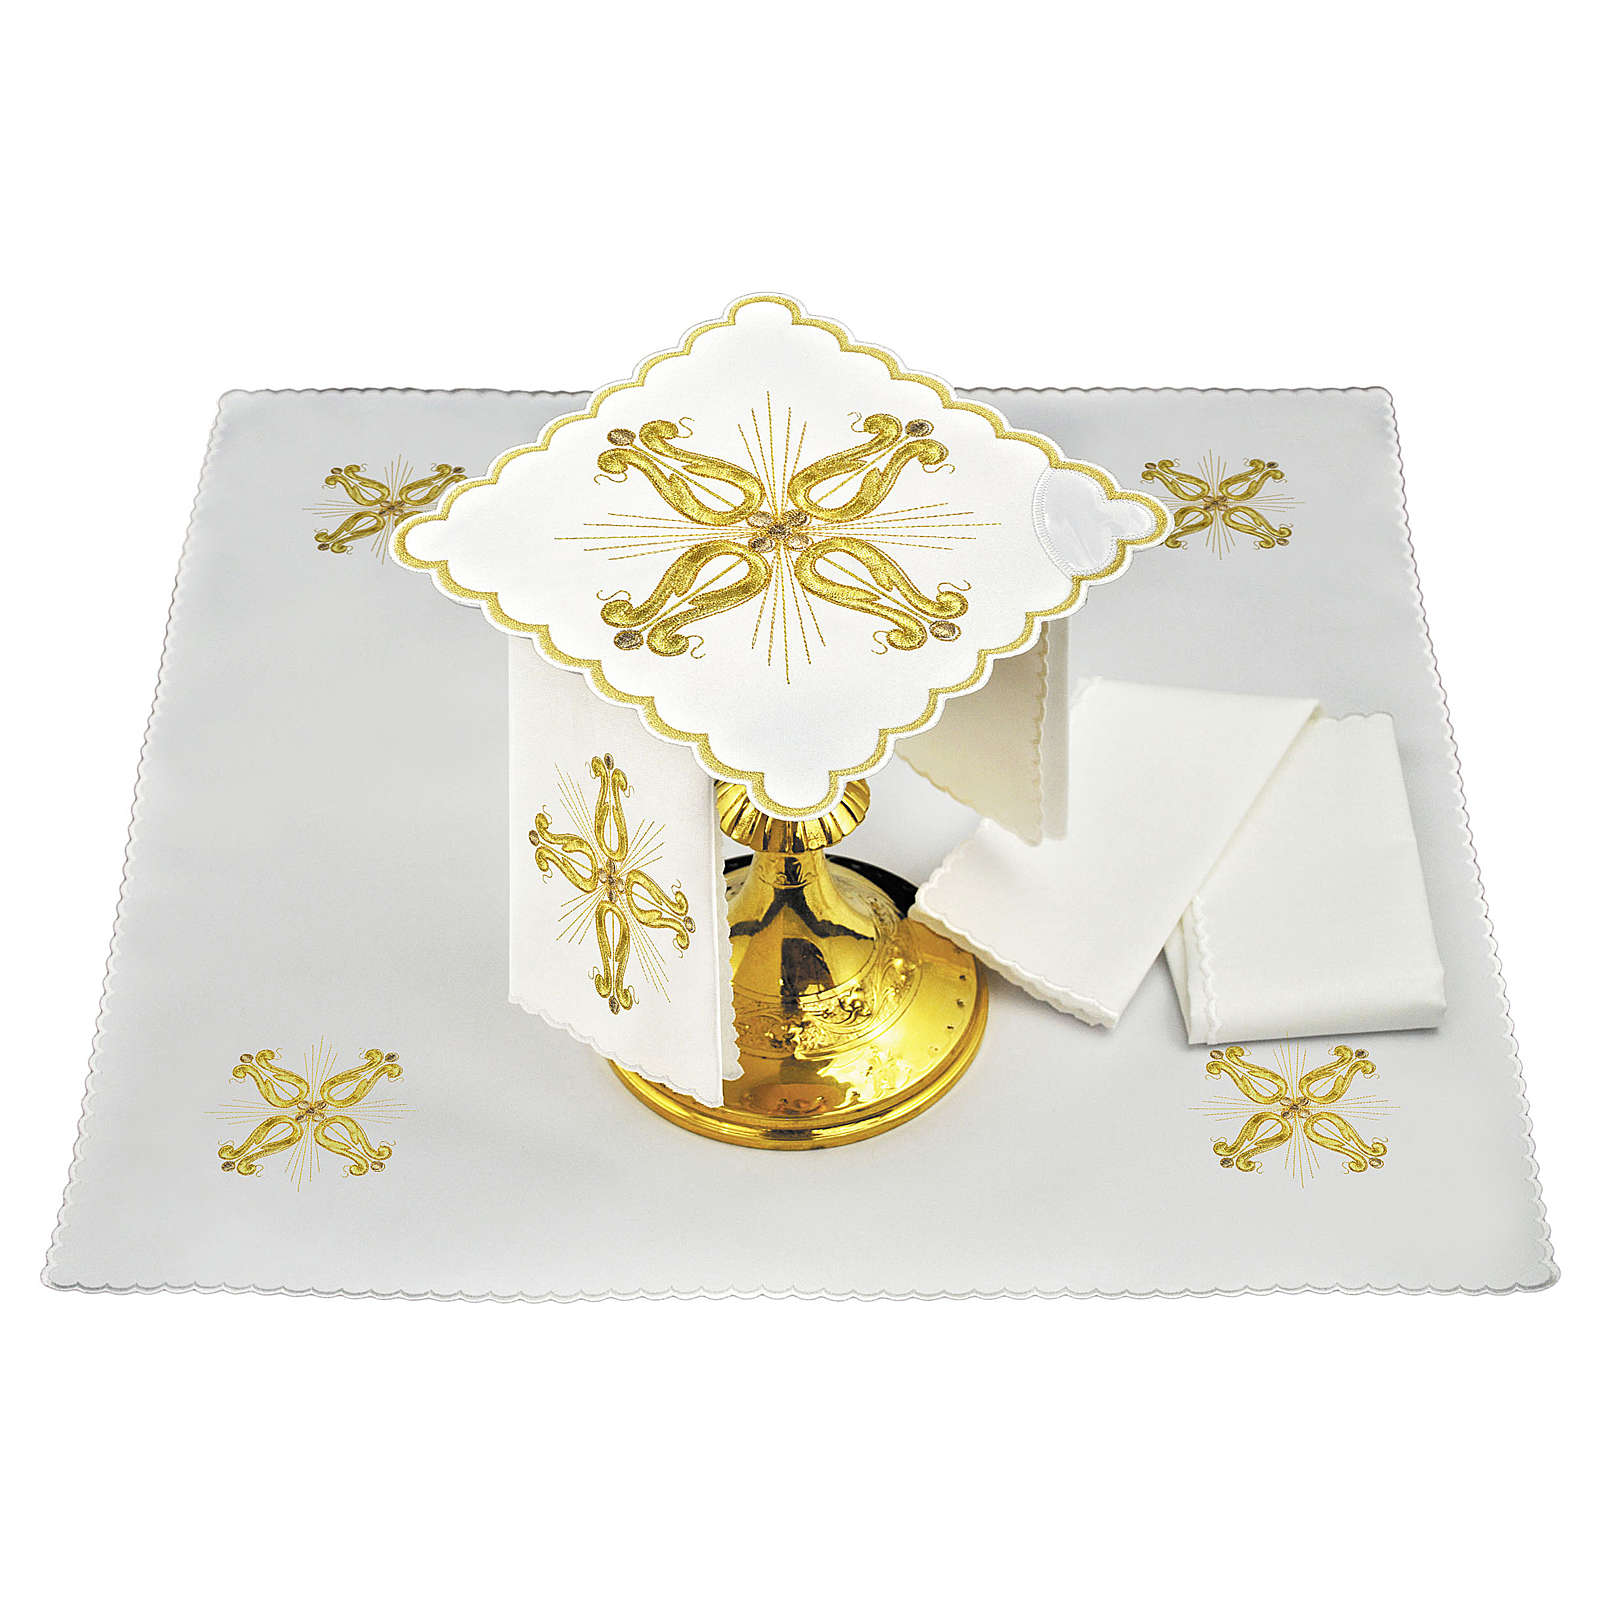 Servizio da altare lino croce dorata barocca con fiore centrale 4